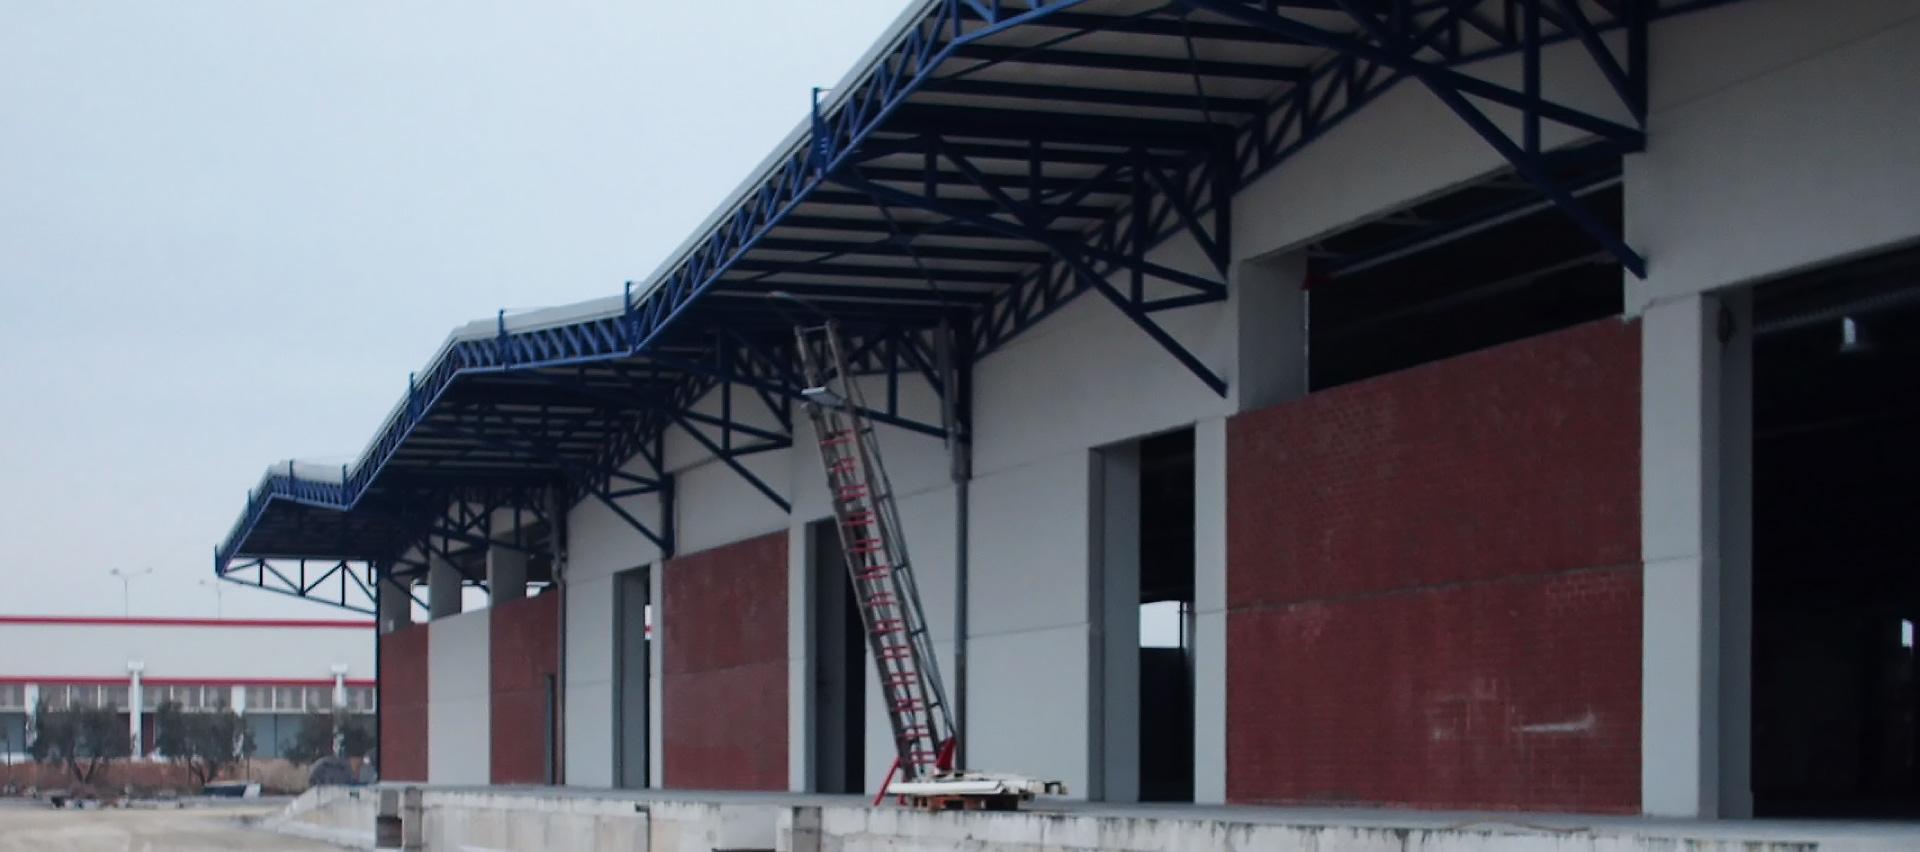 Κατασκευή Εγκαταστάσεων της SIEMENS Τηλεβιομηχανική Α.Ε. cover image